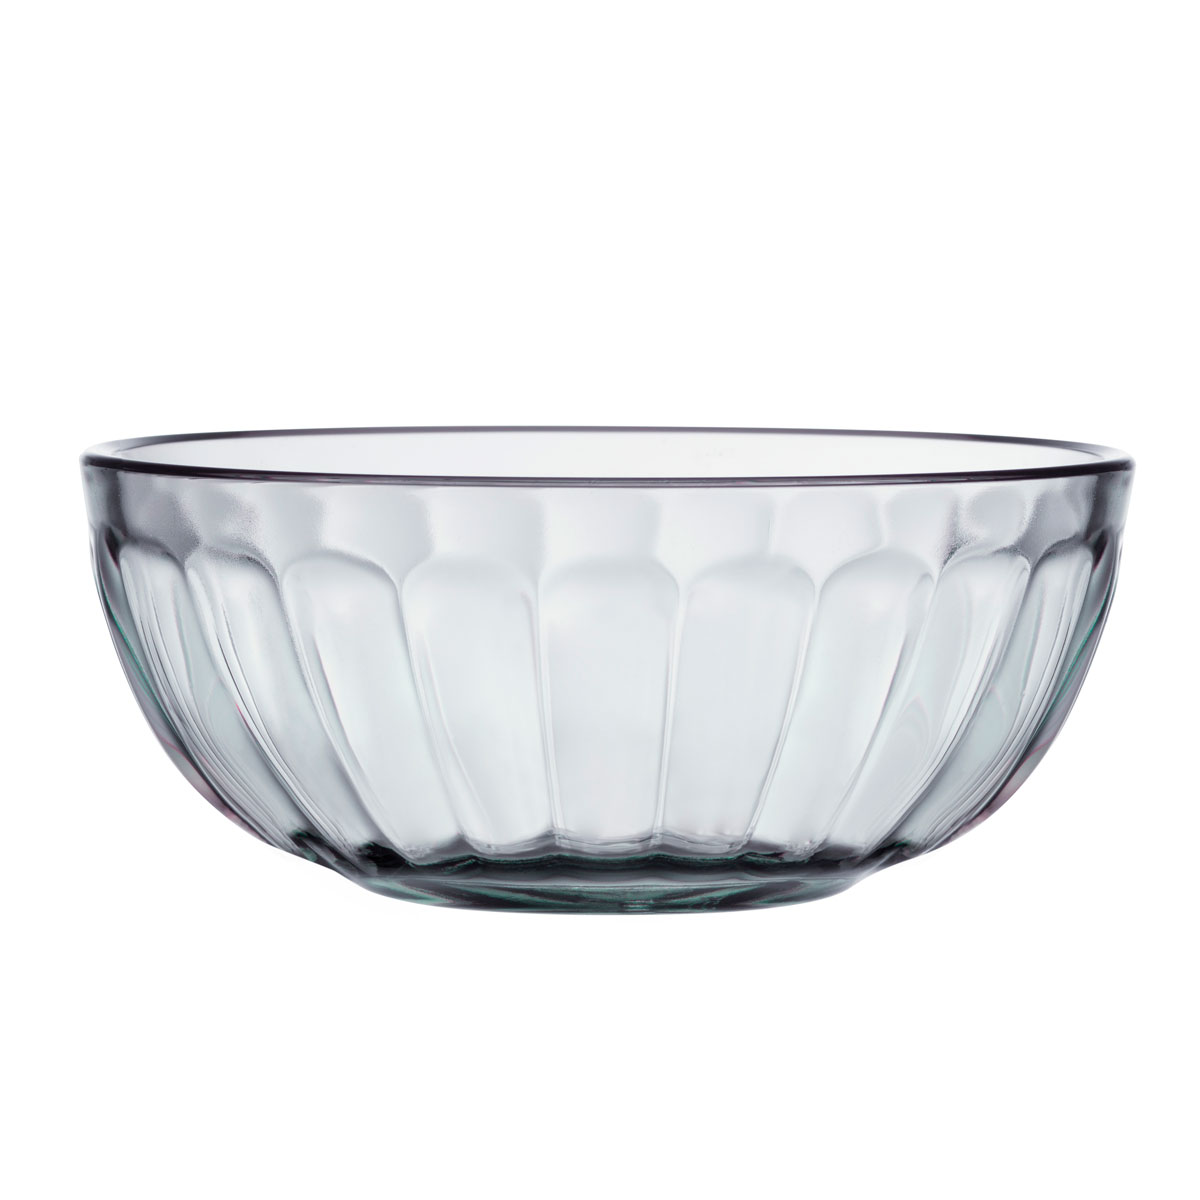 Iittala Raami Bowl 12 Oz Recycled Edition